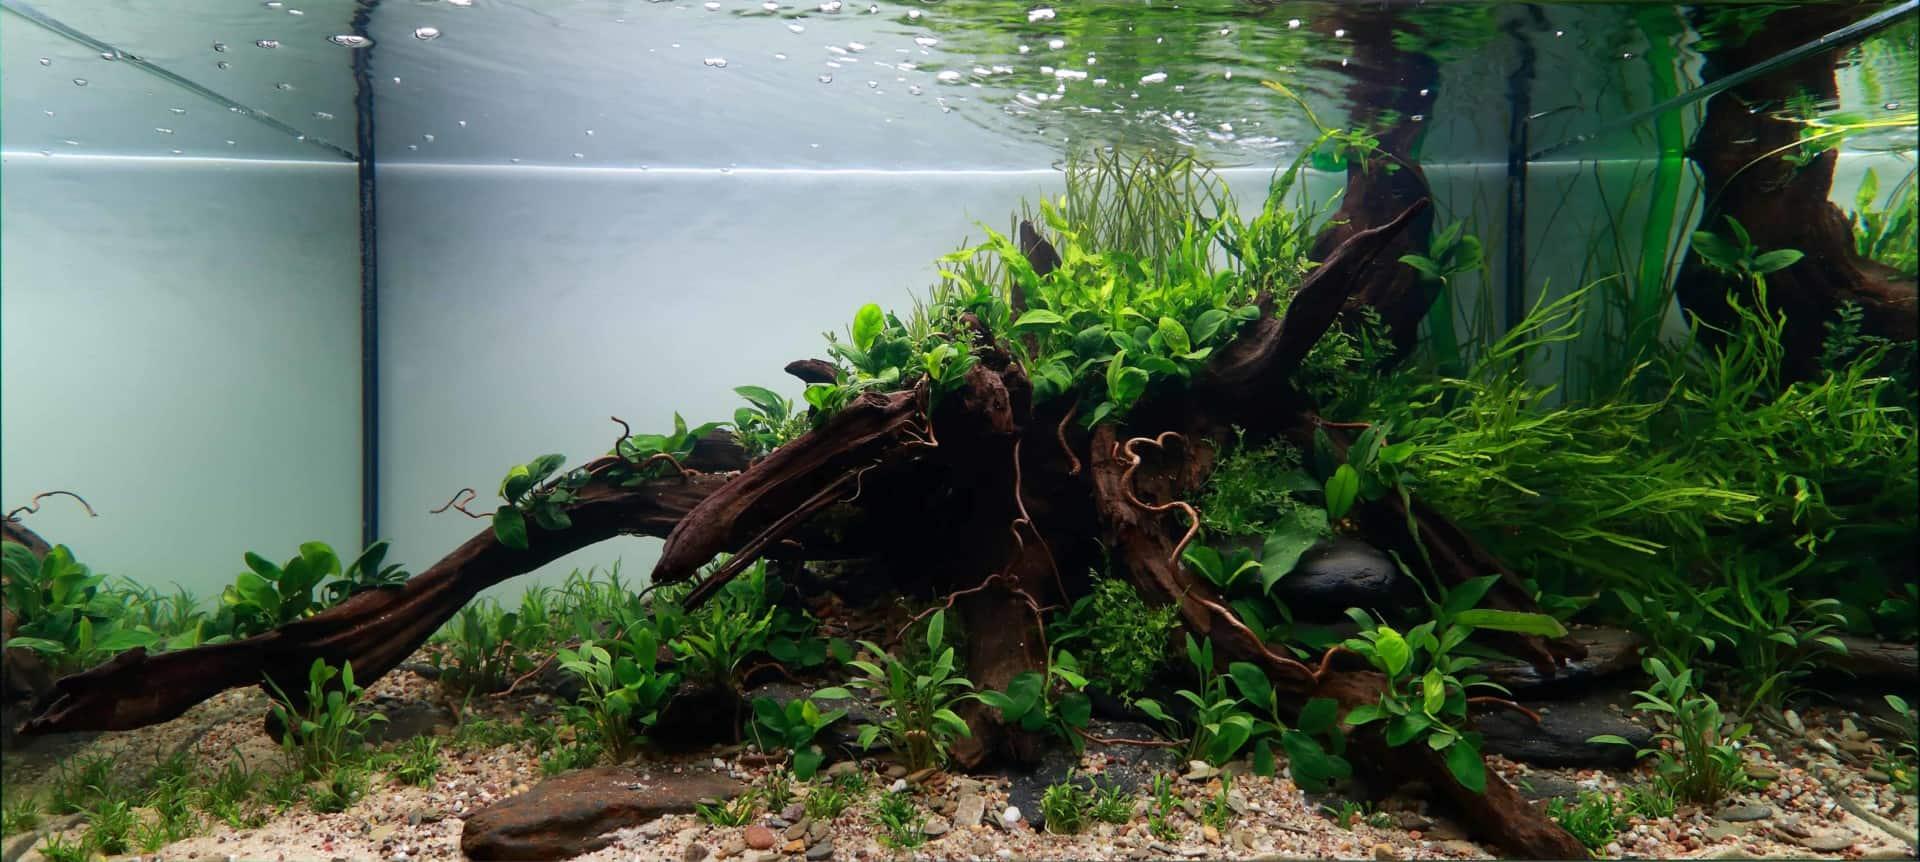 191 - The Art of the Planted Aquarium - Neuheiten und Möglichkeiten zum Mitmachen im April 2019 (Stefanie Hesse) 11